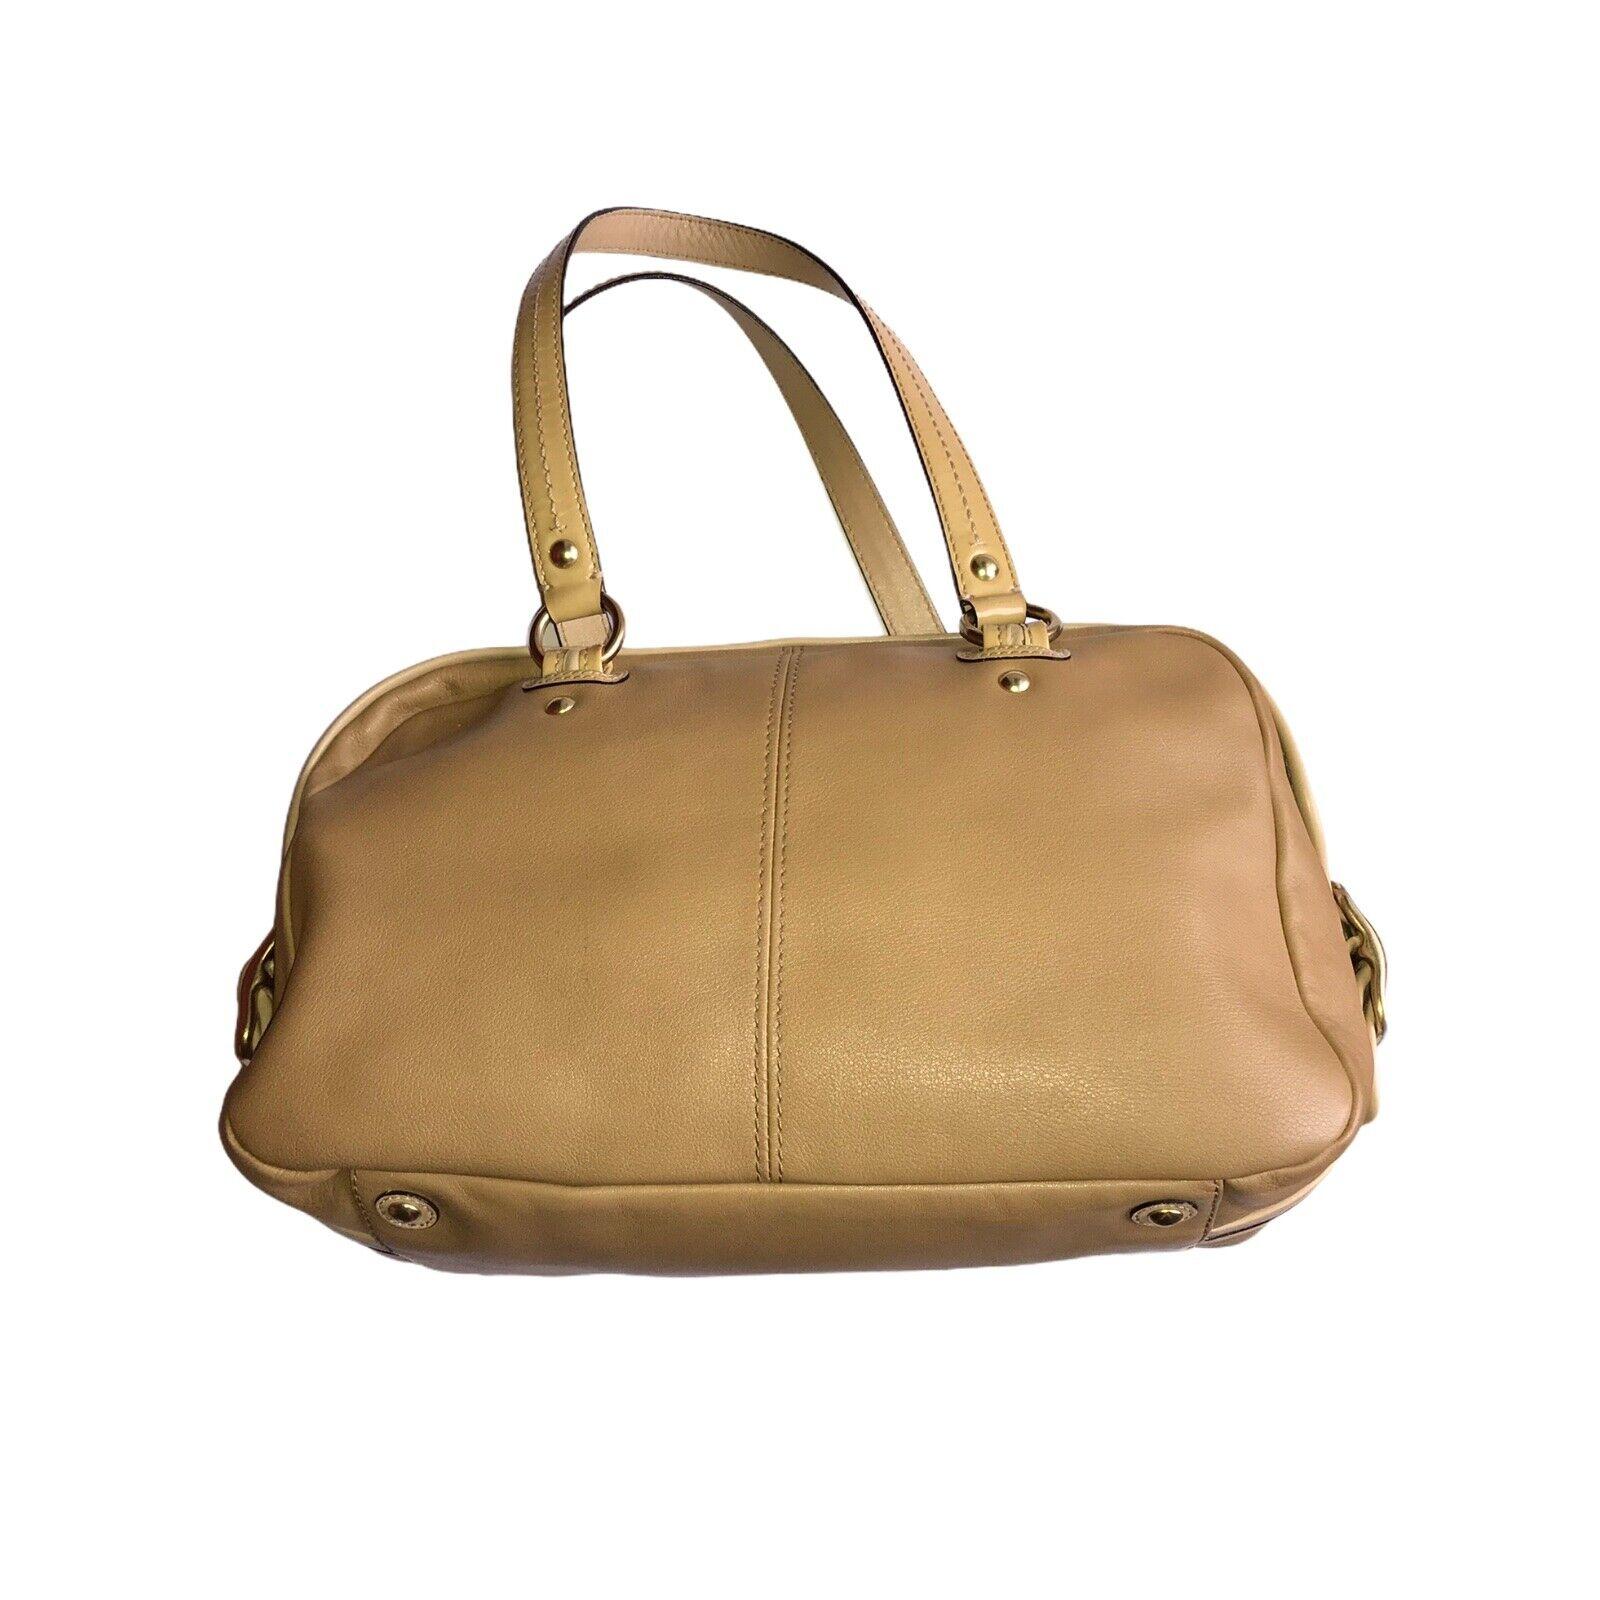 Vintage Bonnie Satchel Bag by COACH - image 3